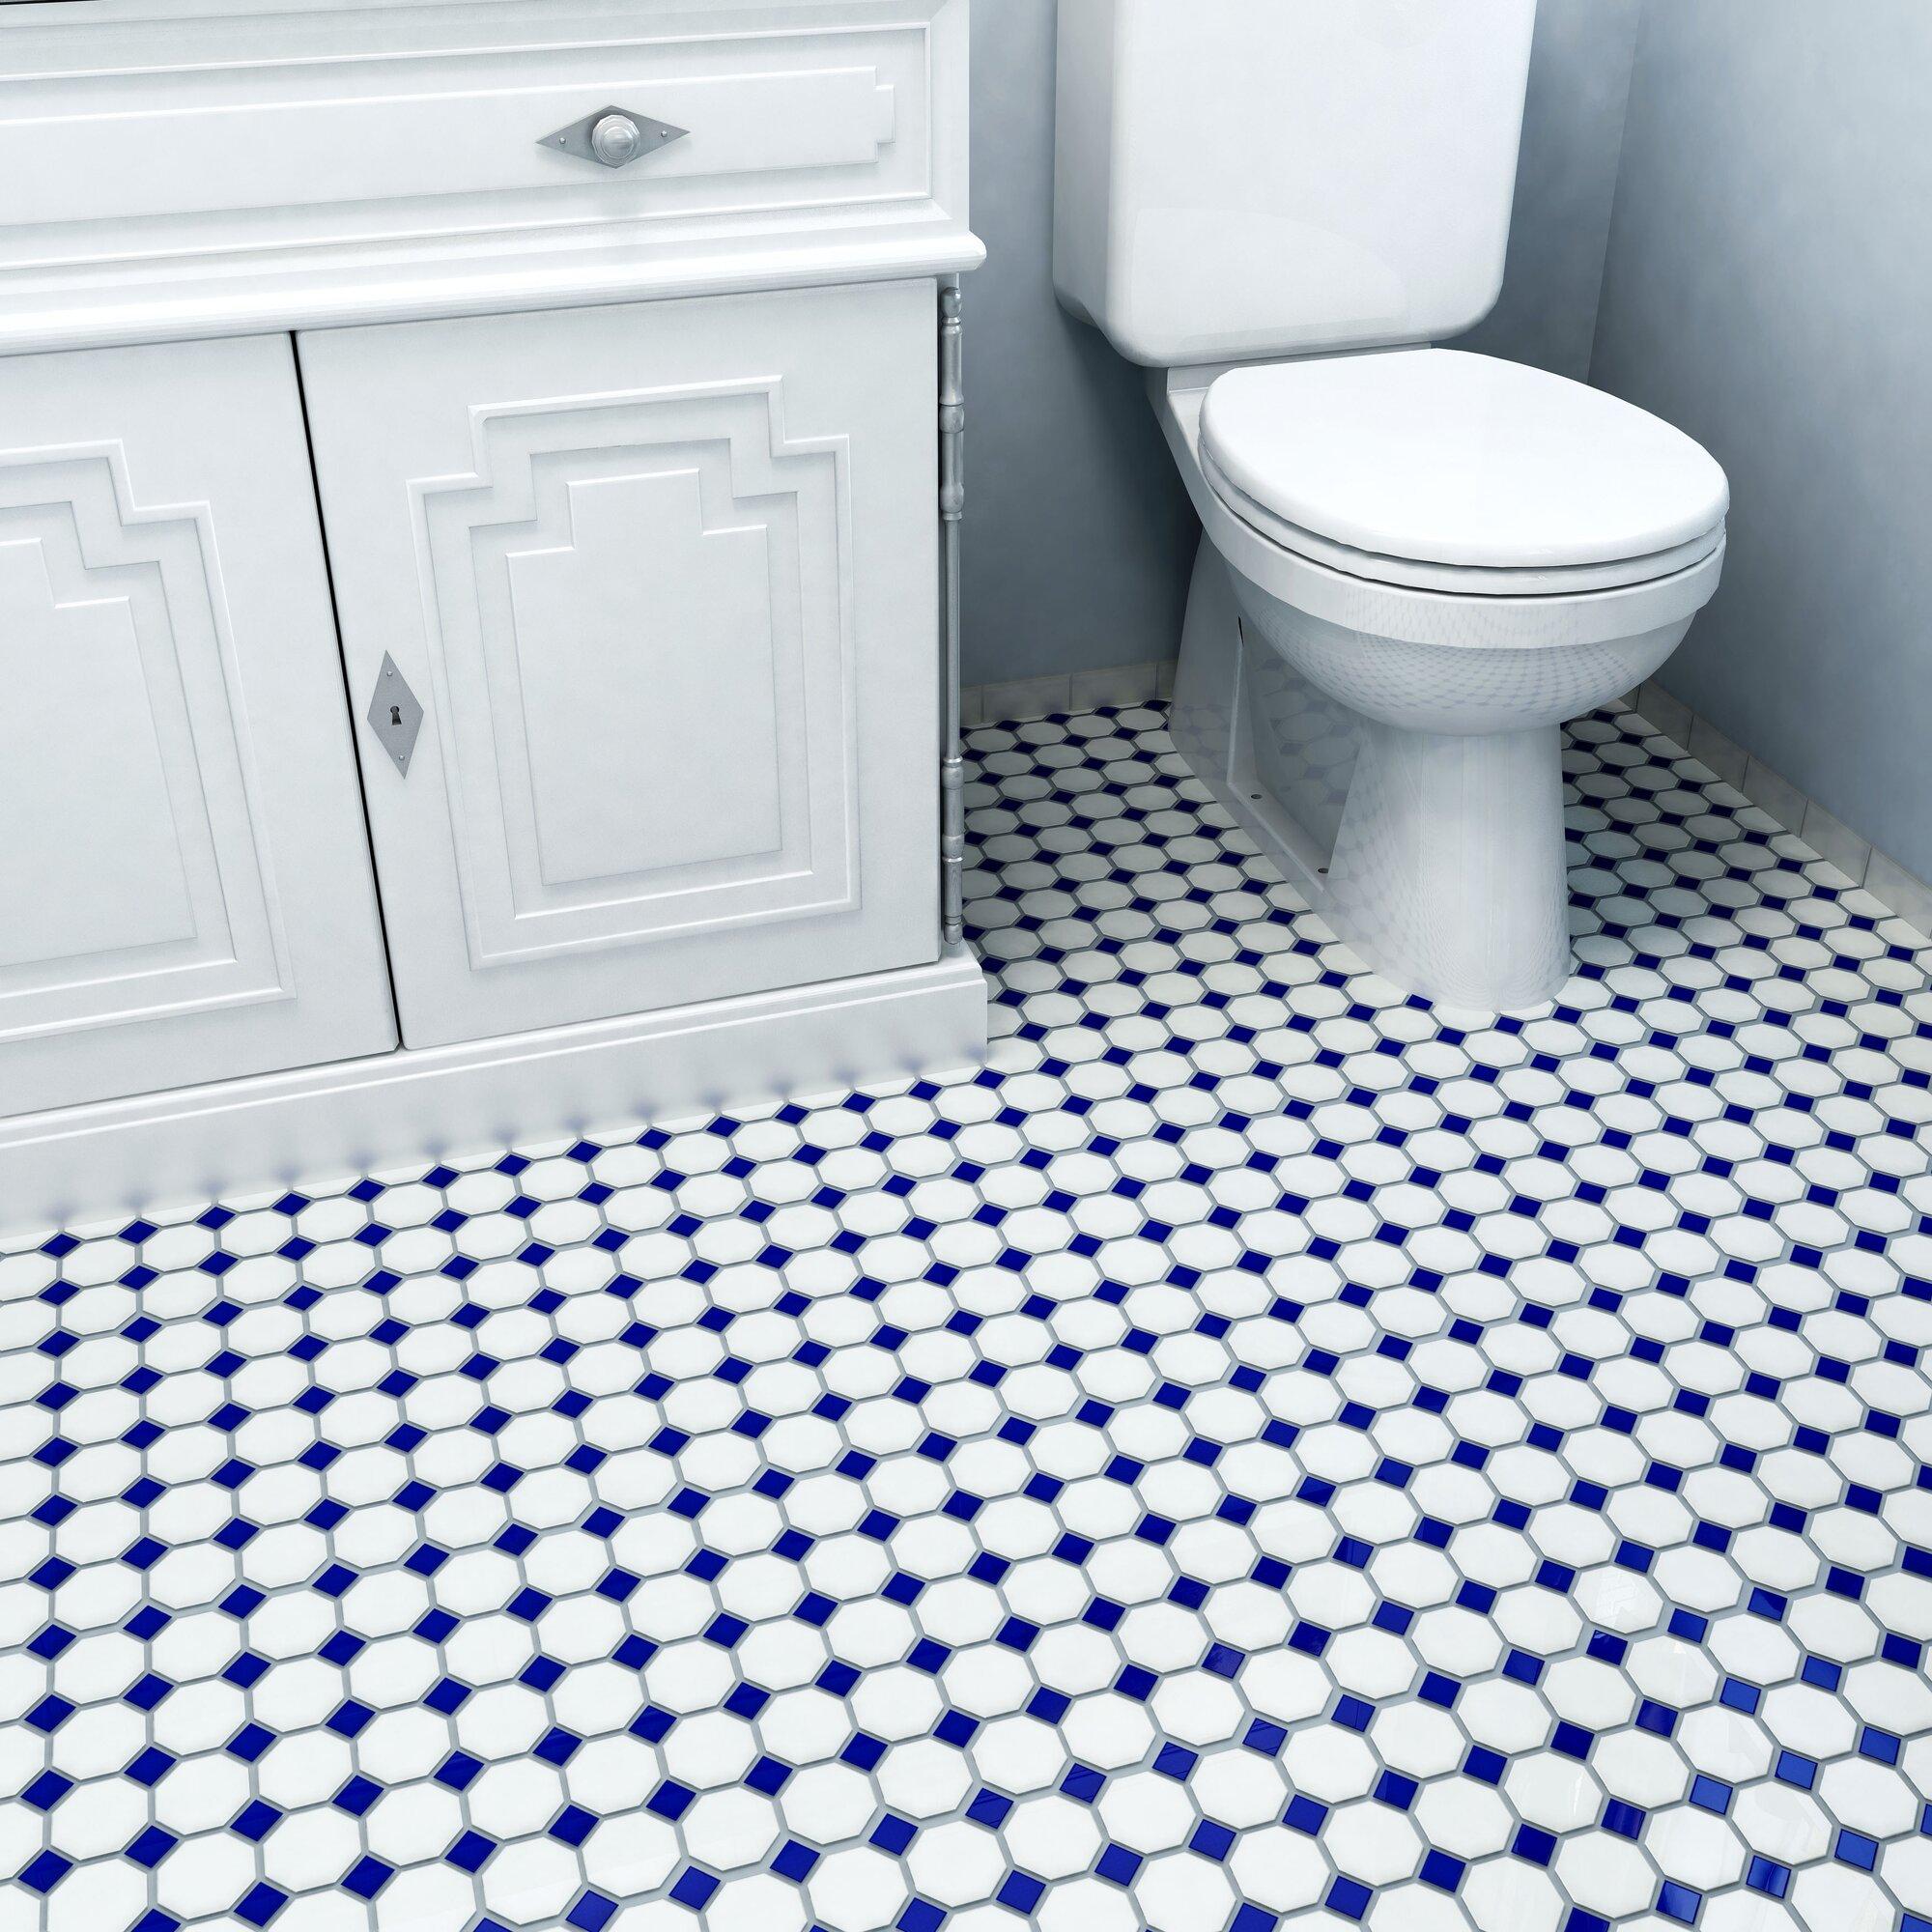 1970s Bathroom Tiles: EliteTile Retro Random Sized Porcelain Mosaic Tile In